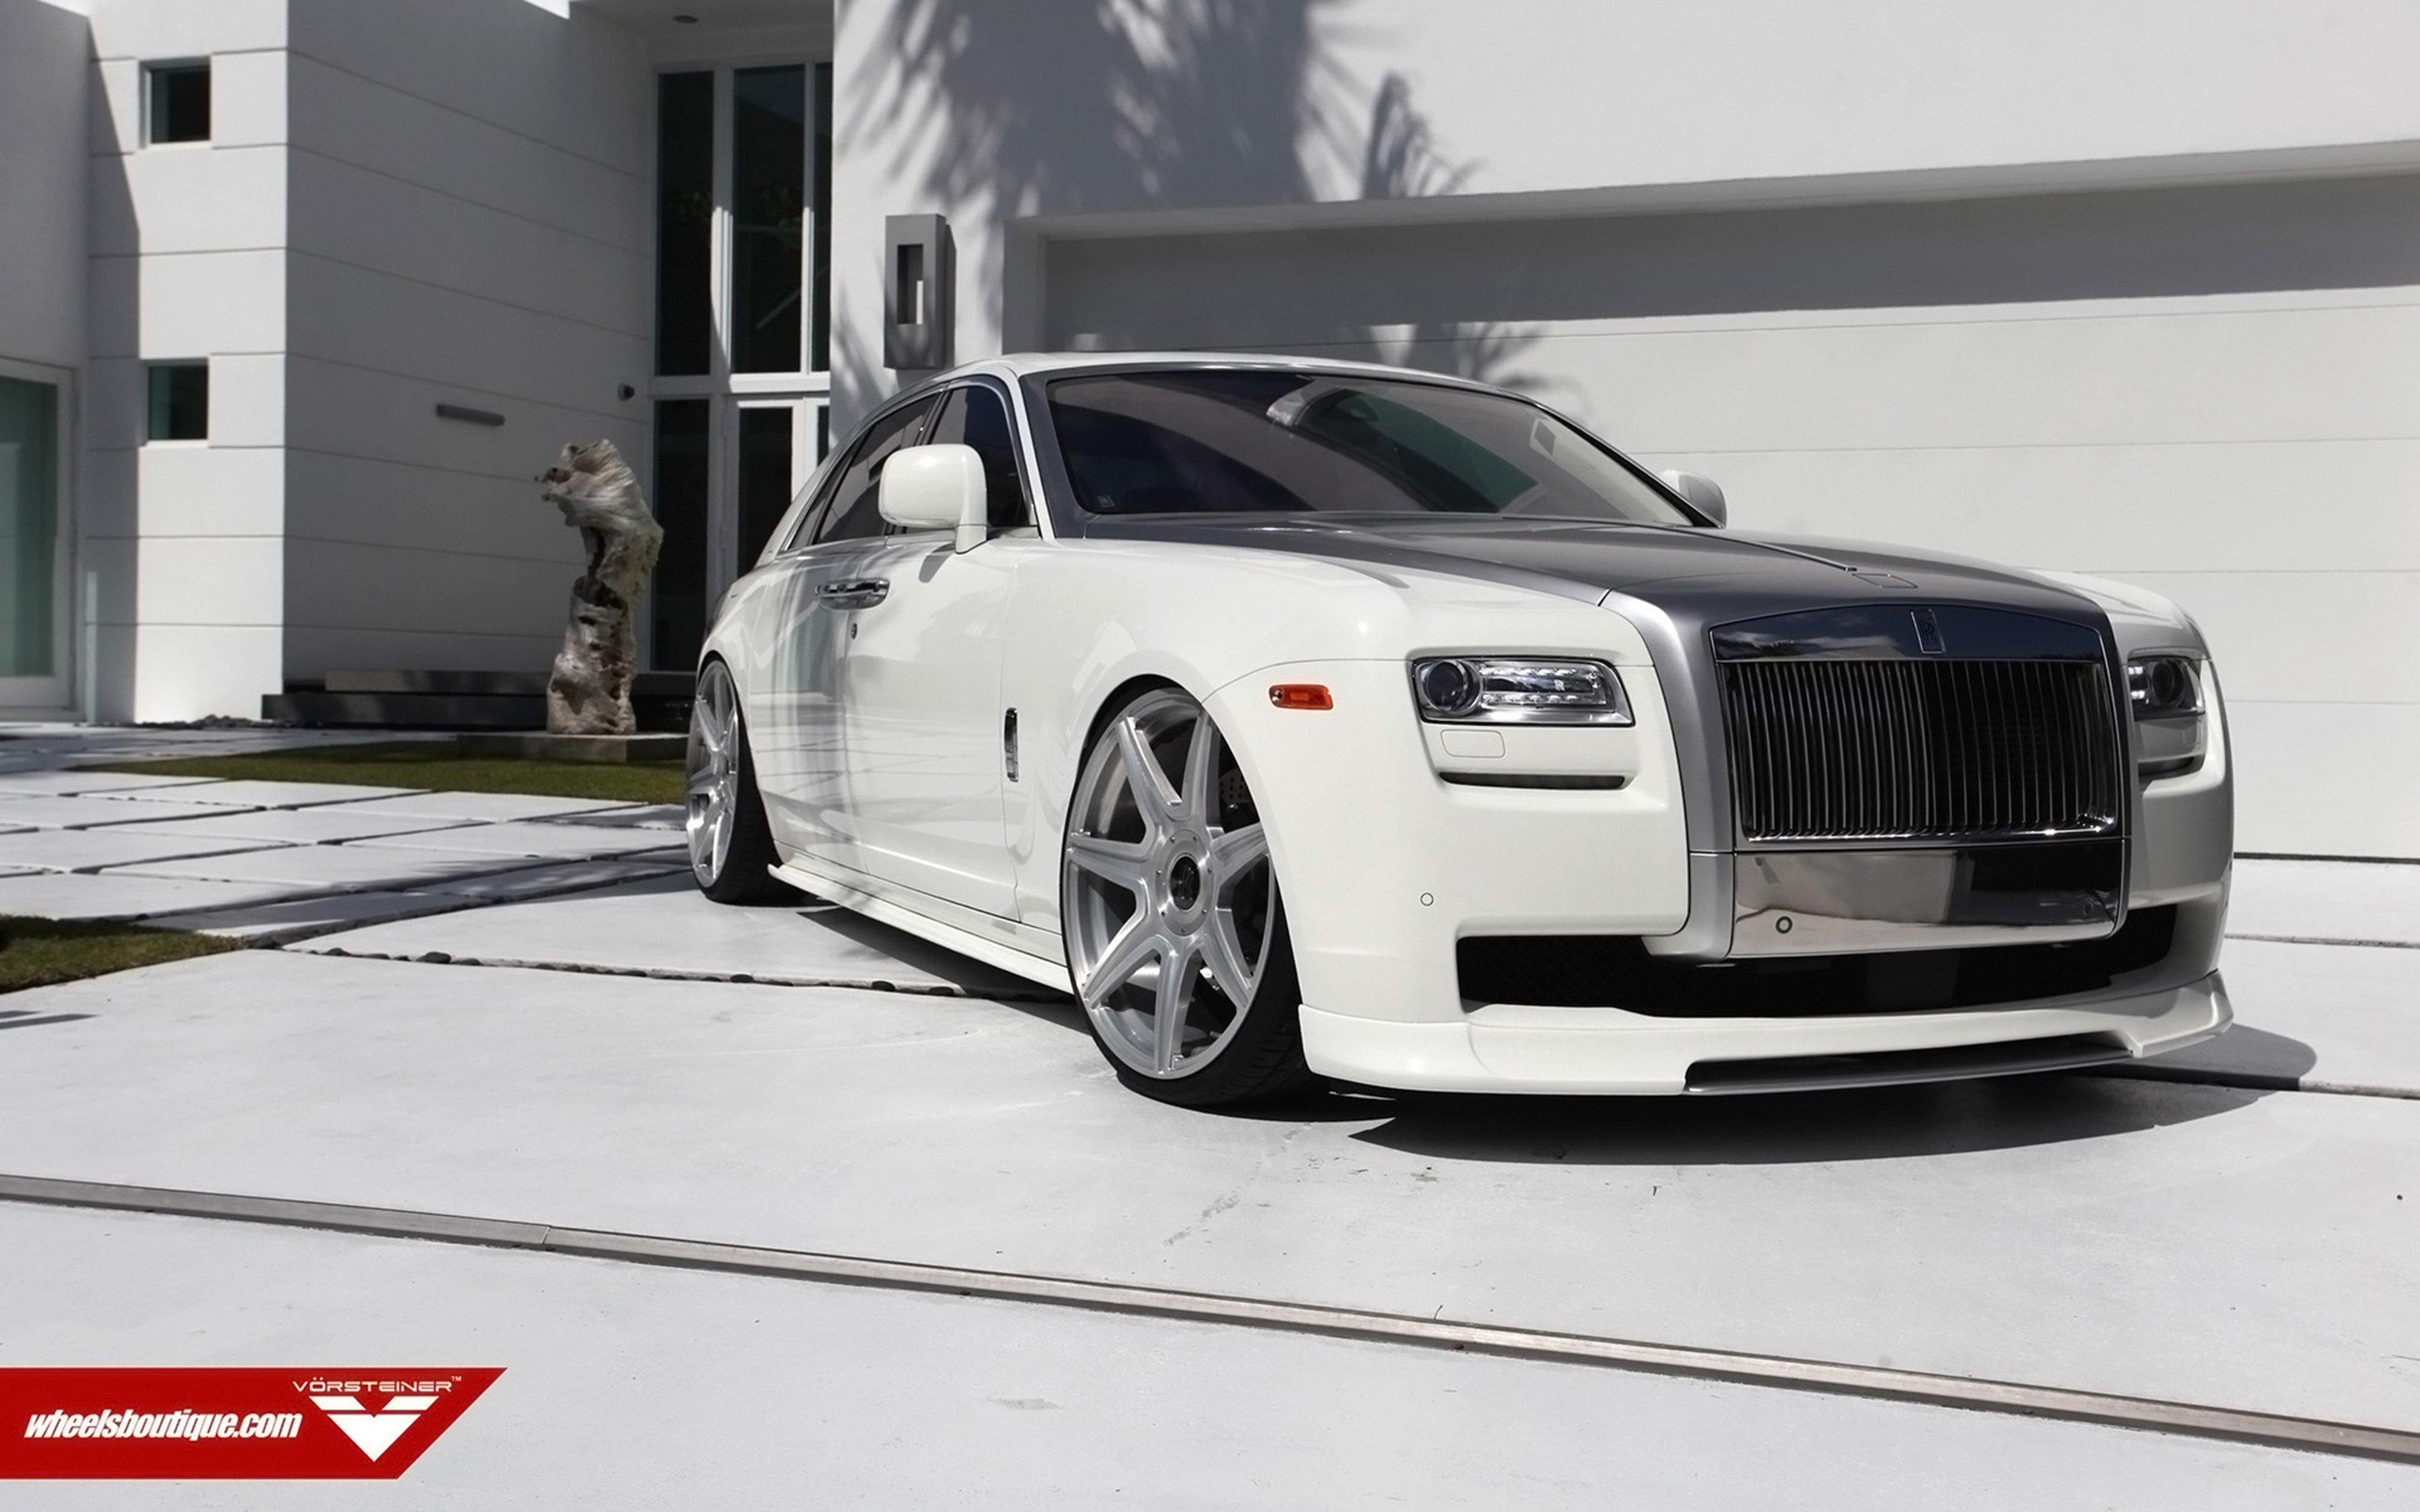 Vorsteiner Rolls Royce Ghost Supercar Car Tunning White